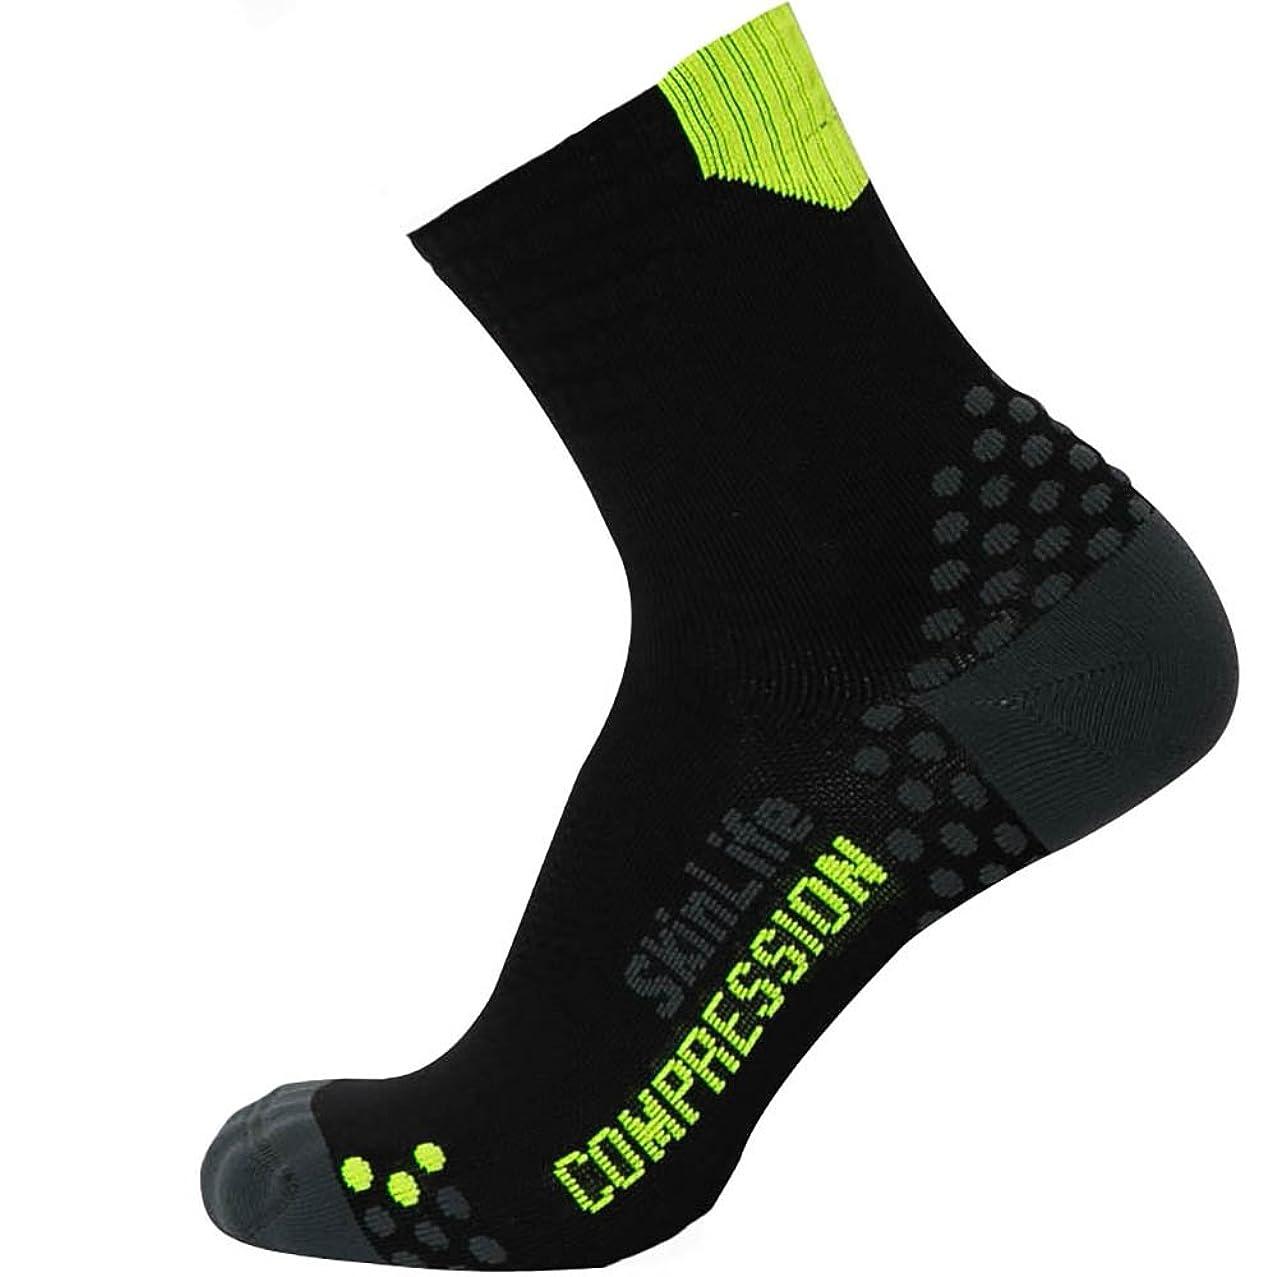 Pure Athlete Running Socks – Anti-Blister Quarter Length Sport Socks – Dot Padding Technology